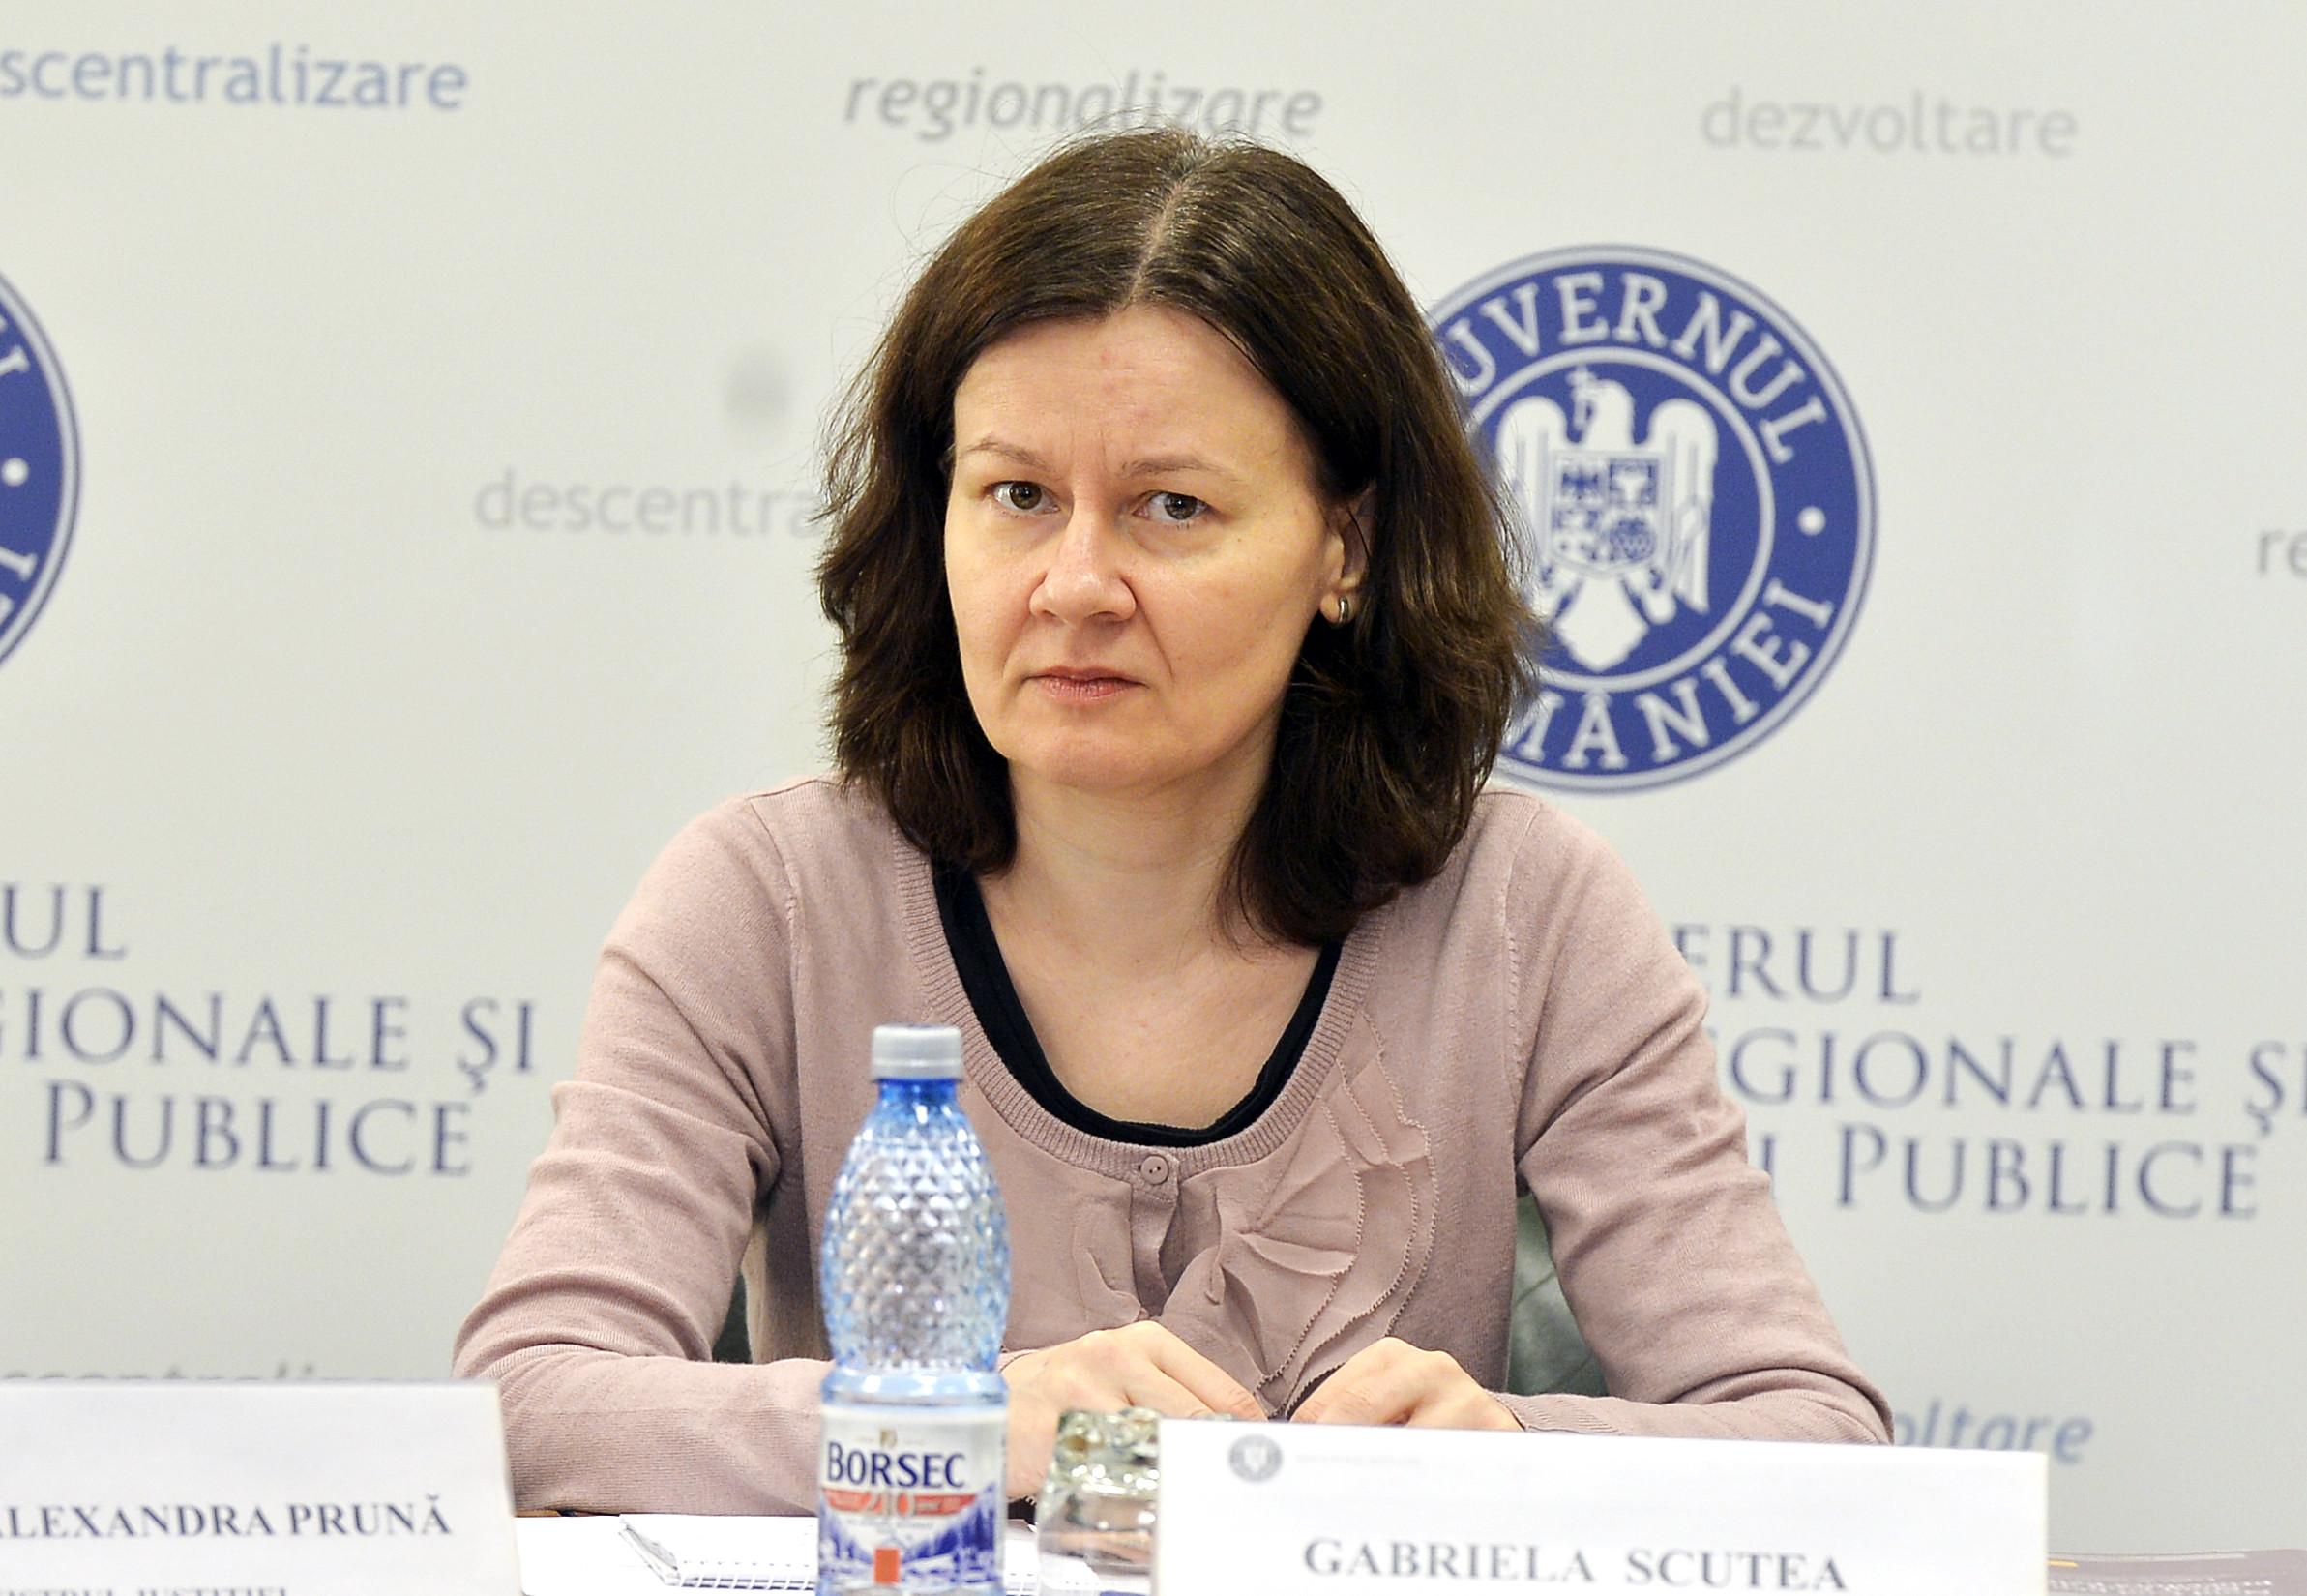 Gabriela Scutea, Procurorul general: Când vorbim de corupţia din Sănătate, ea poate fi considerată că afectează siguranţa naţională